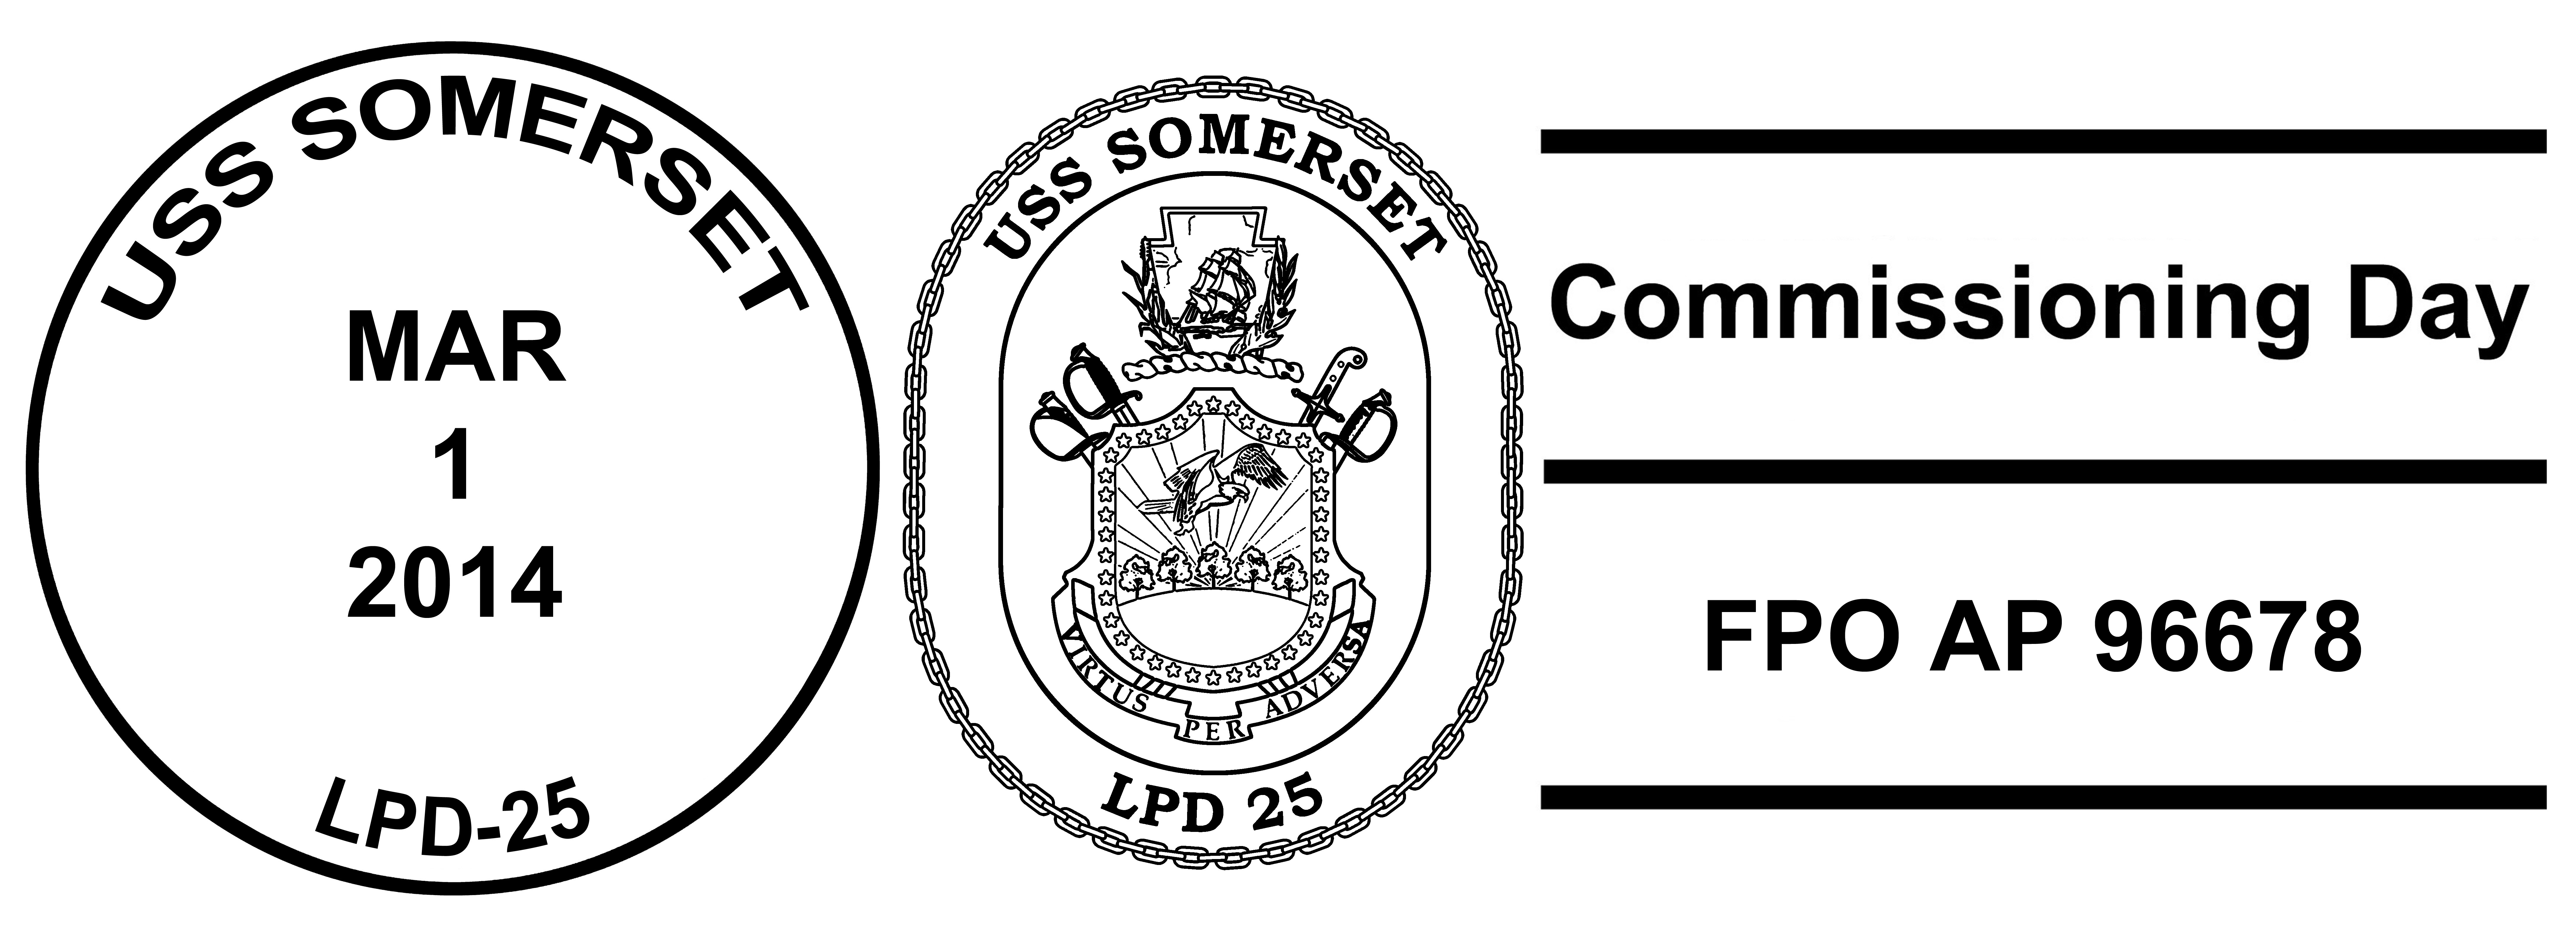 Sonderbordpoststempel USS SOMERSET LPD-25 Indienststellung Design: Wolfgang Hechler